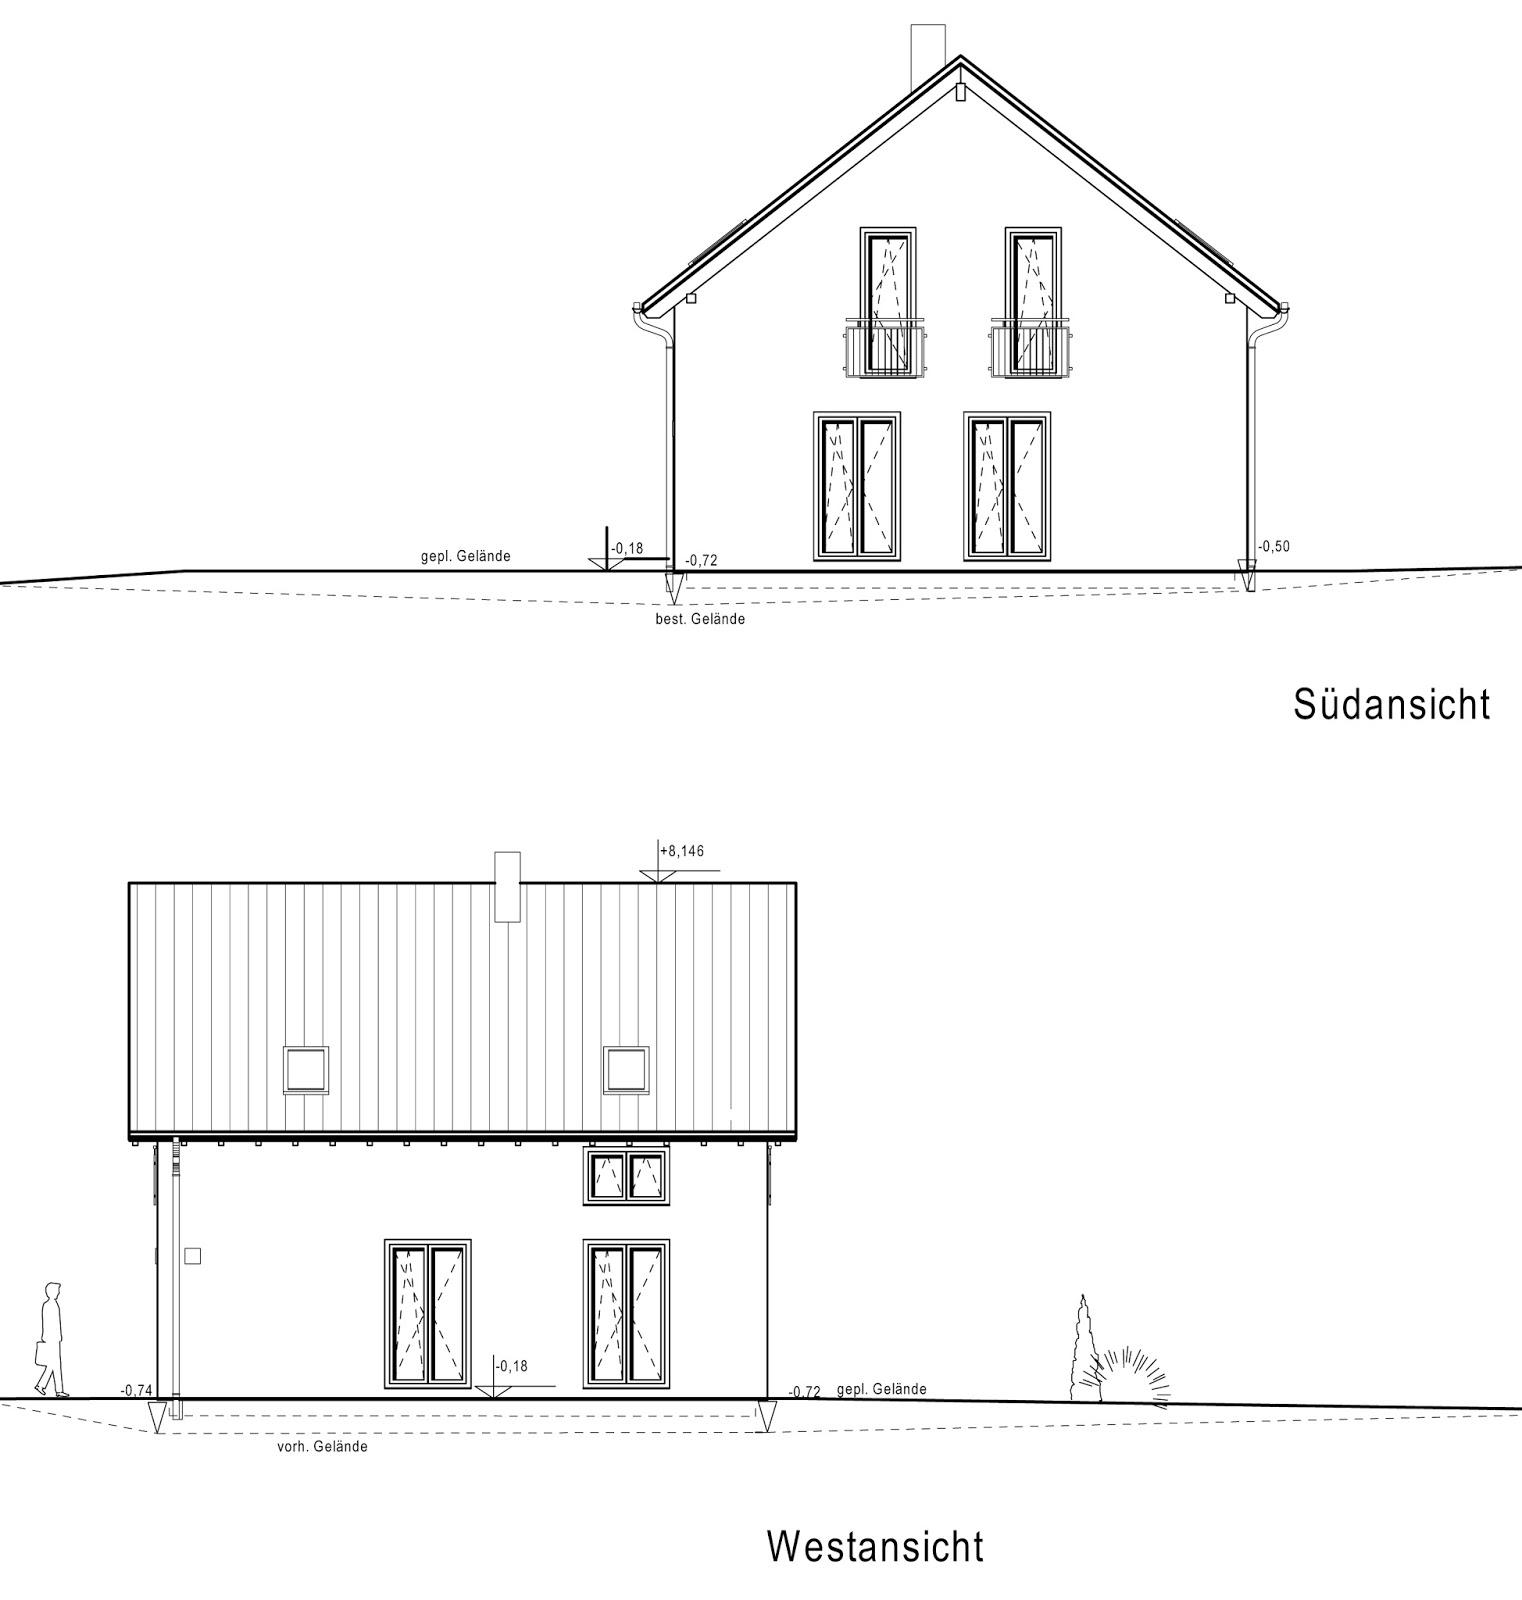 julia 39 s und sascha 39 s traum vom ein steinhaus die finalen pl ne sind endlich da. Black Bedroom Furniture Sets. Home Design Ideas